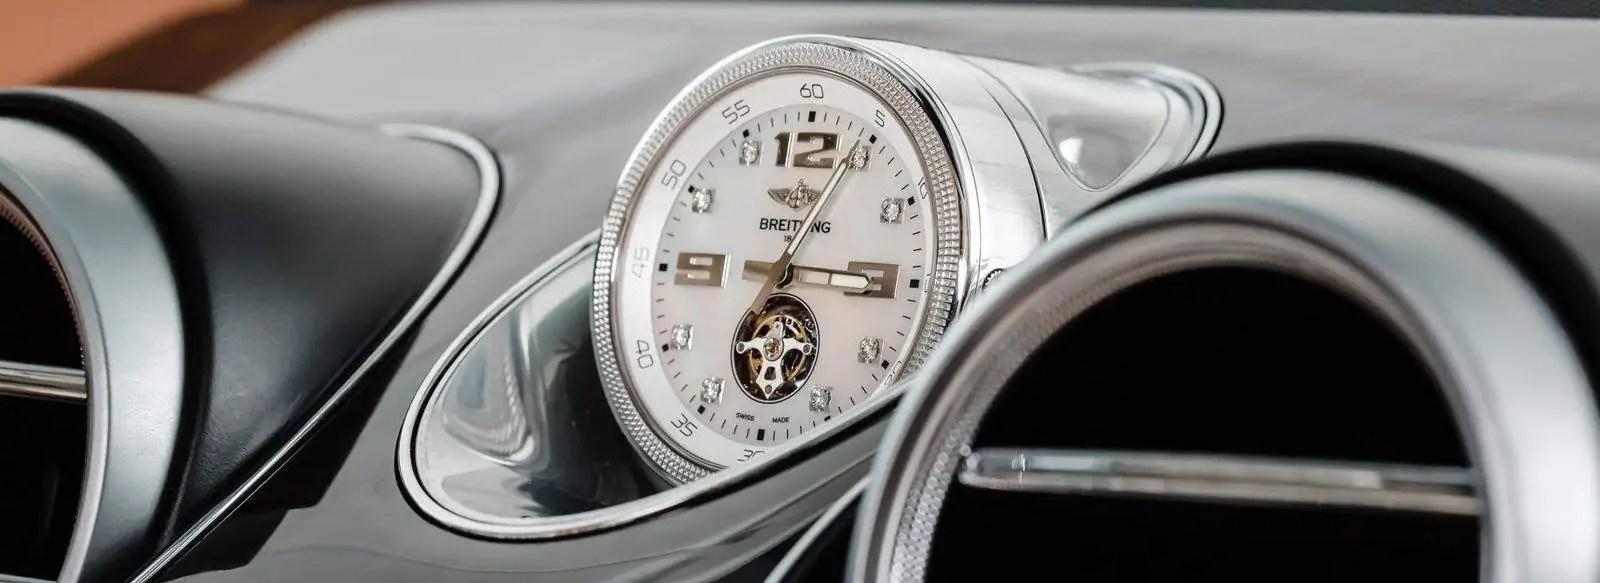 De duurste autoklok ter wereld komt in de Bentley Bentayga - Manify.nl ...